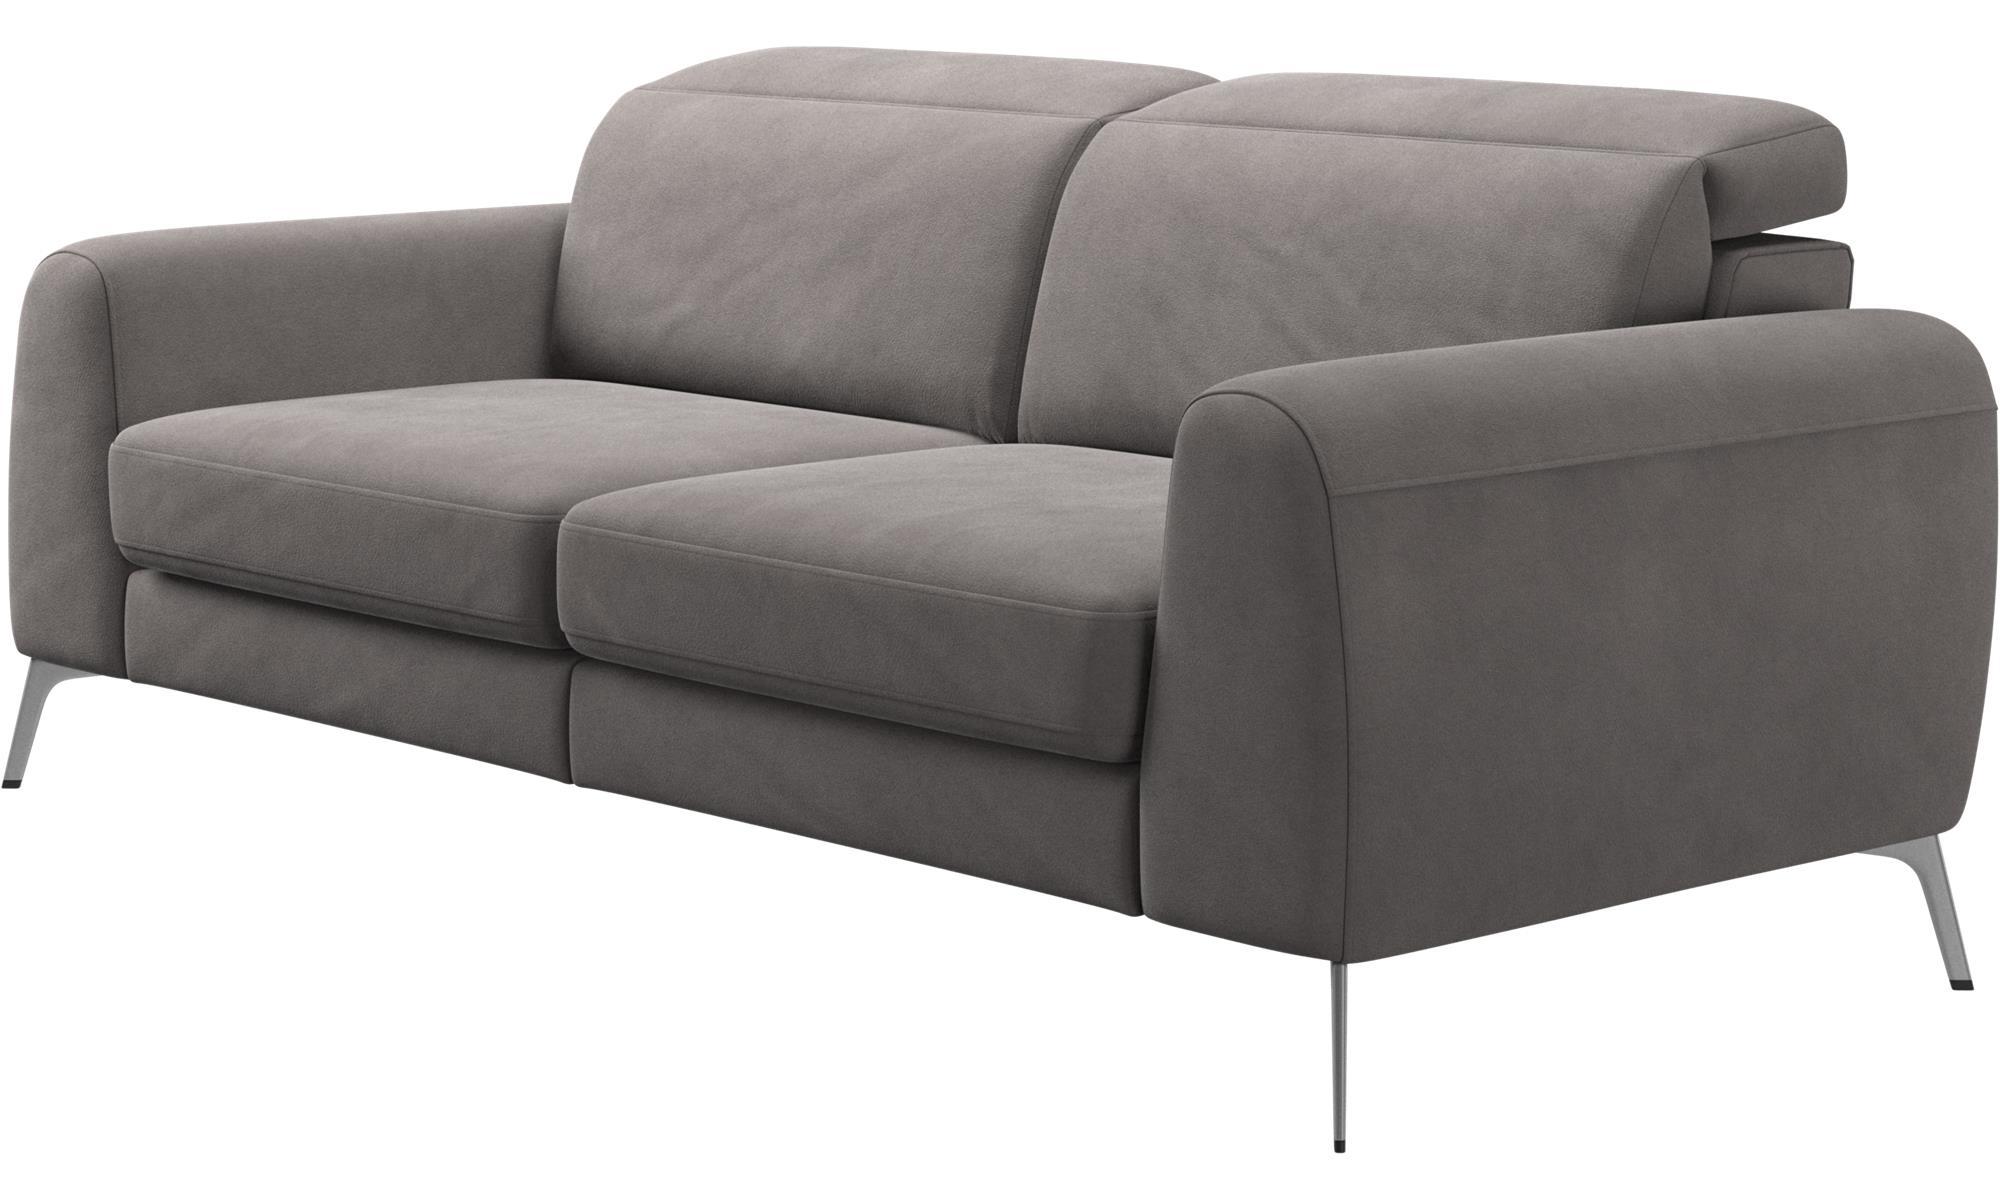 canap s convertibles canap lit madison avec appuie t te r glables boconcept. Black Bedroom Furniture Sets. Home Design Ideas